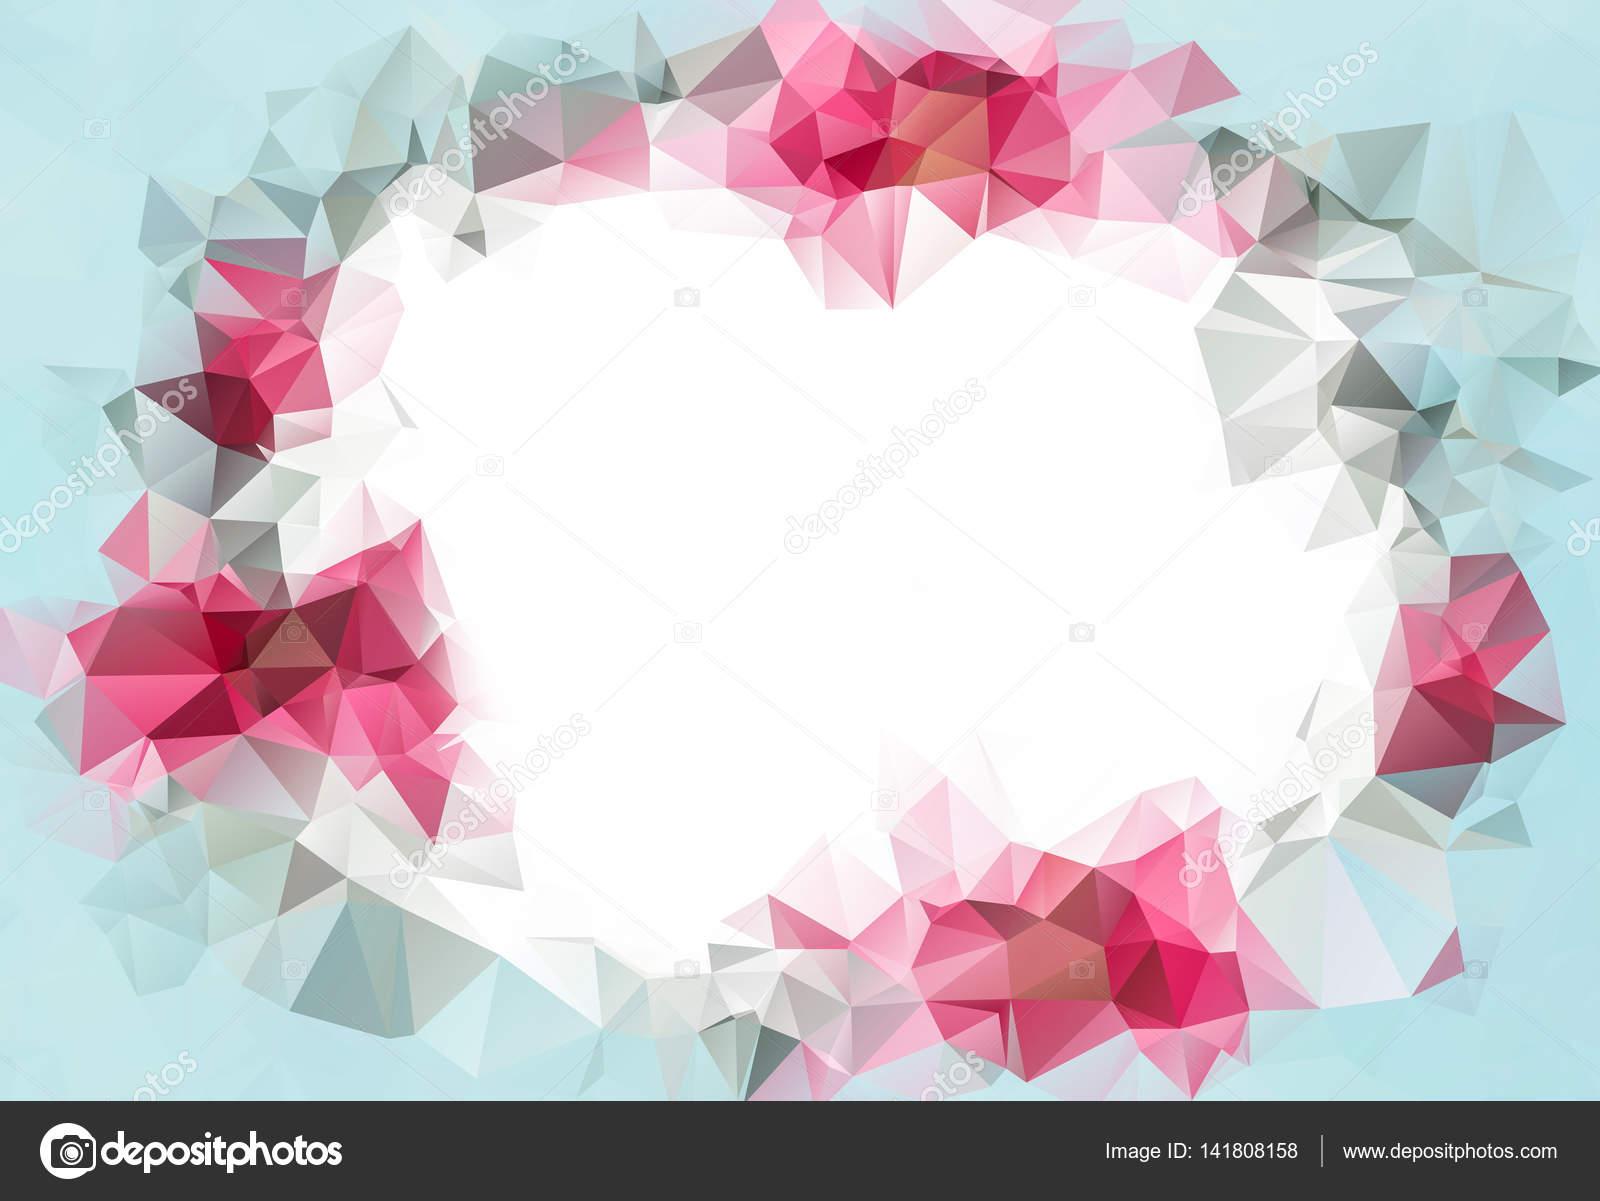 Fondo Geométrico: Fondo Geométrico Abstracto. Diseño Para Presentaciones